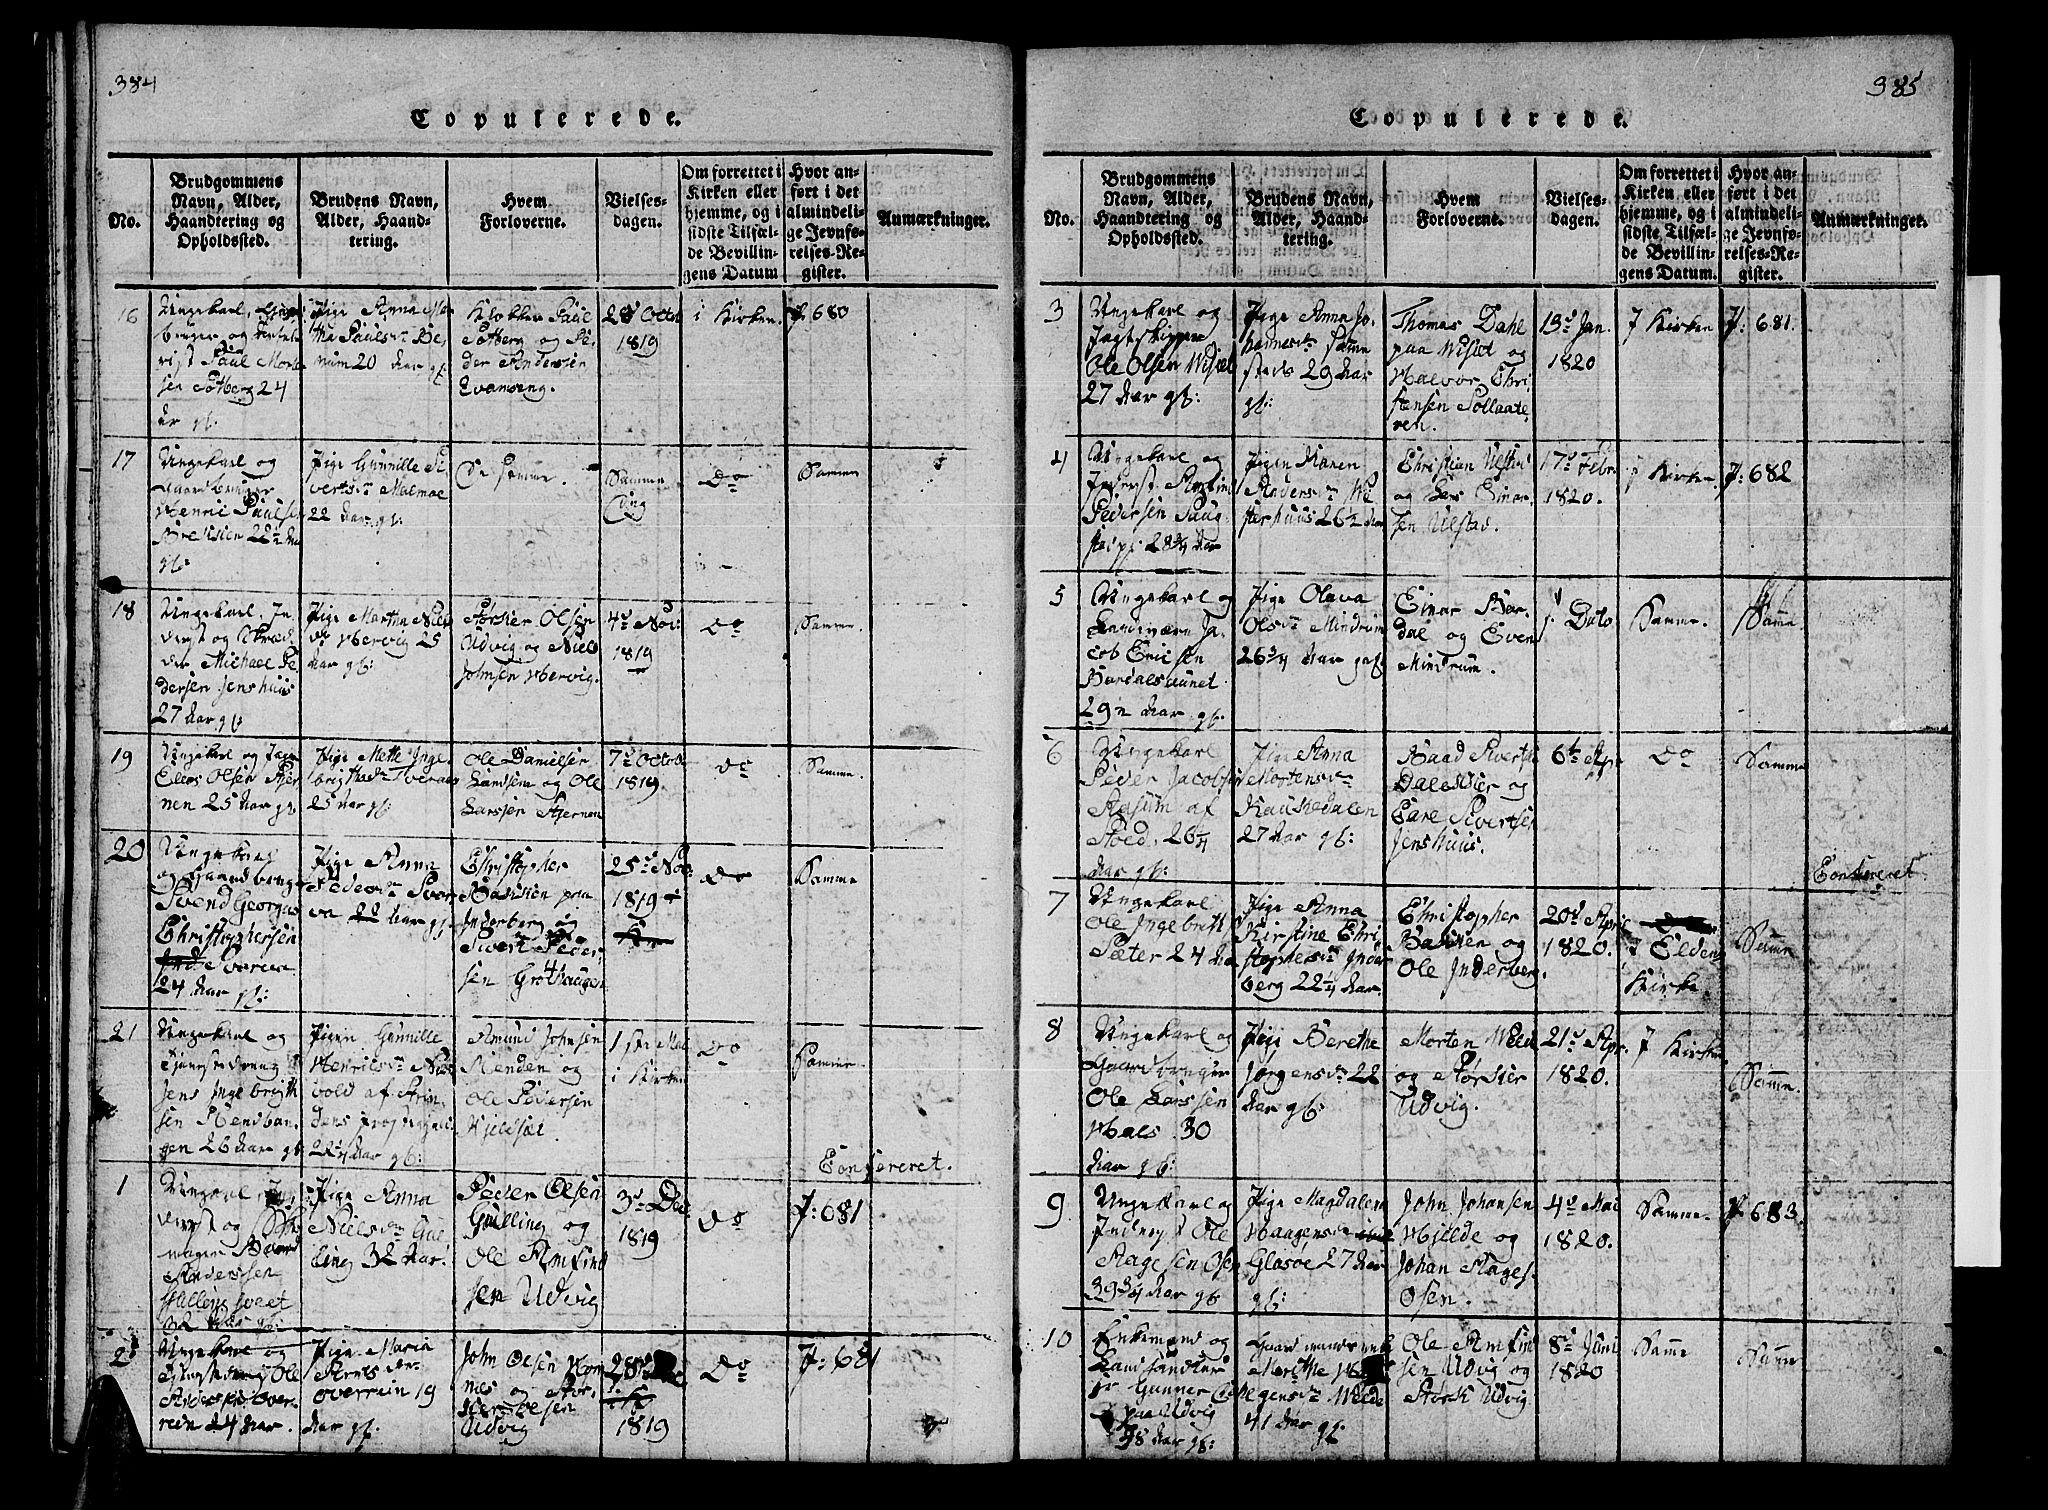 SAT, Ministerialprotokoller, klokkerbøker og fødselsregistre - Nord-Trøndelag, 741/L0400: Klokkerbok nr. 741C01, 1817-1825, s. 384-385